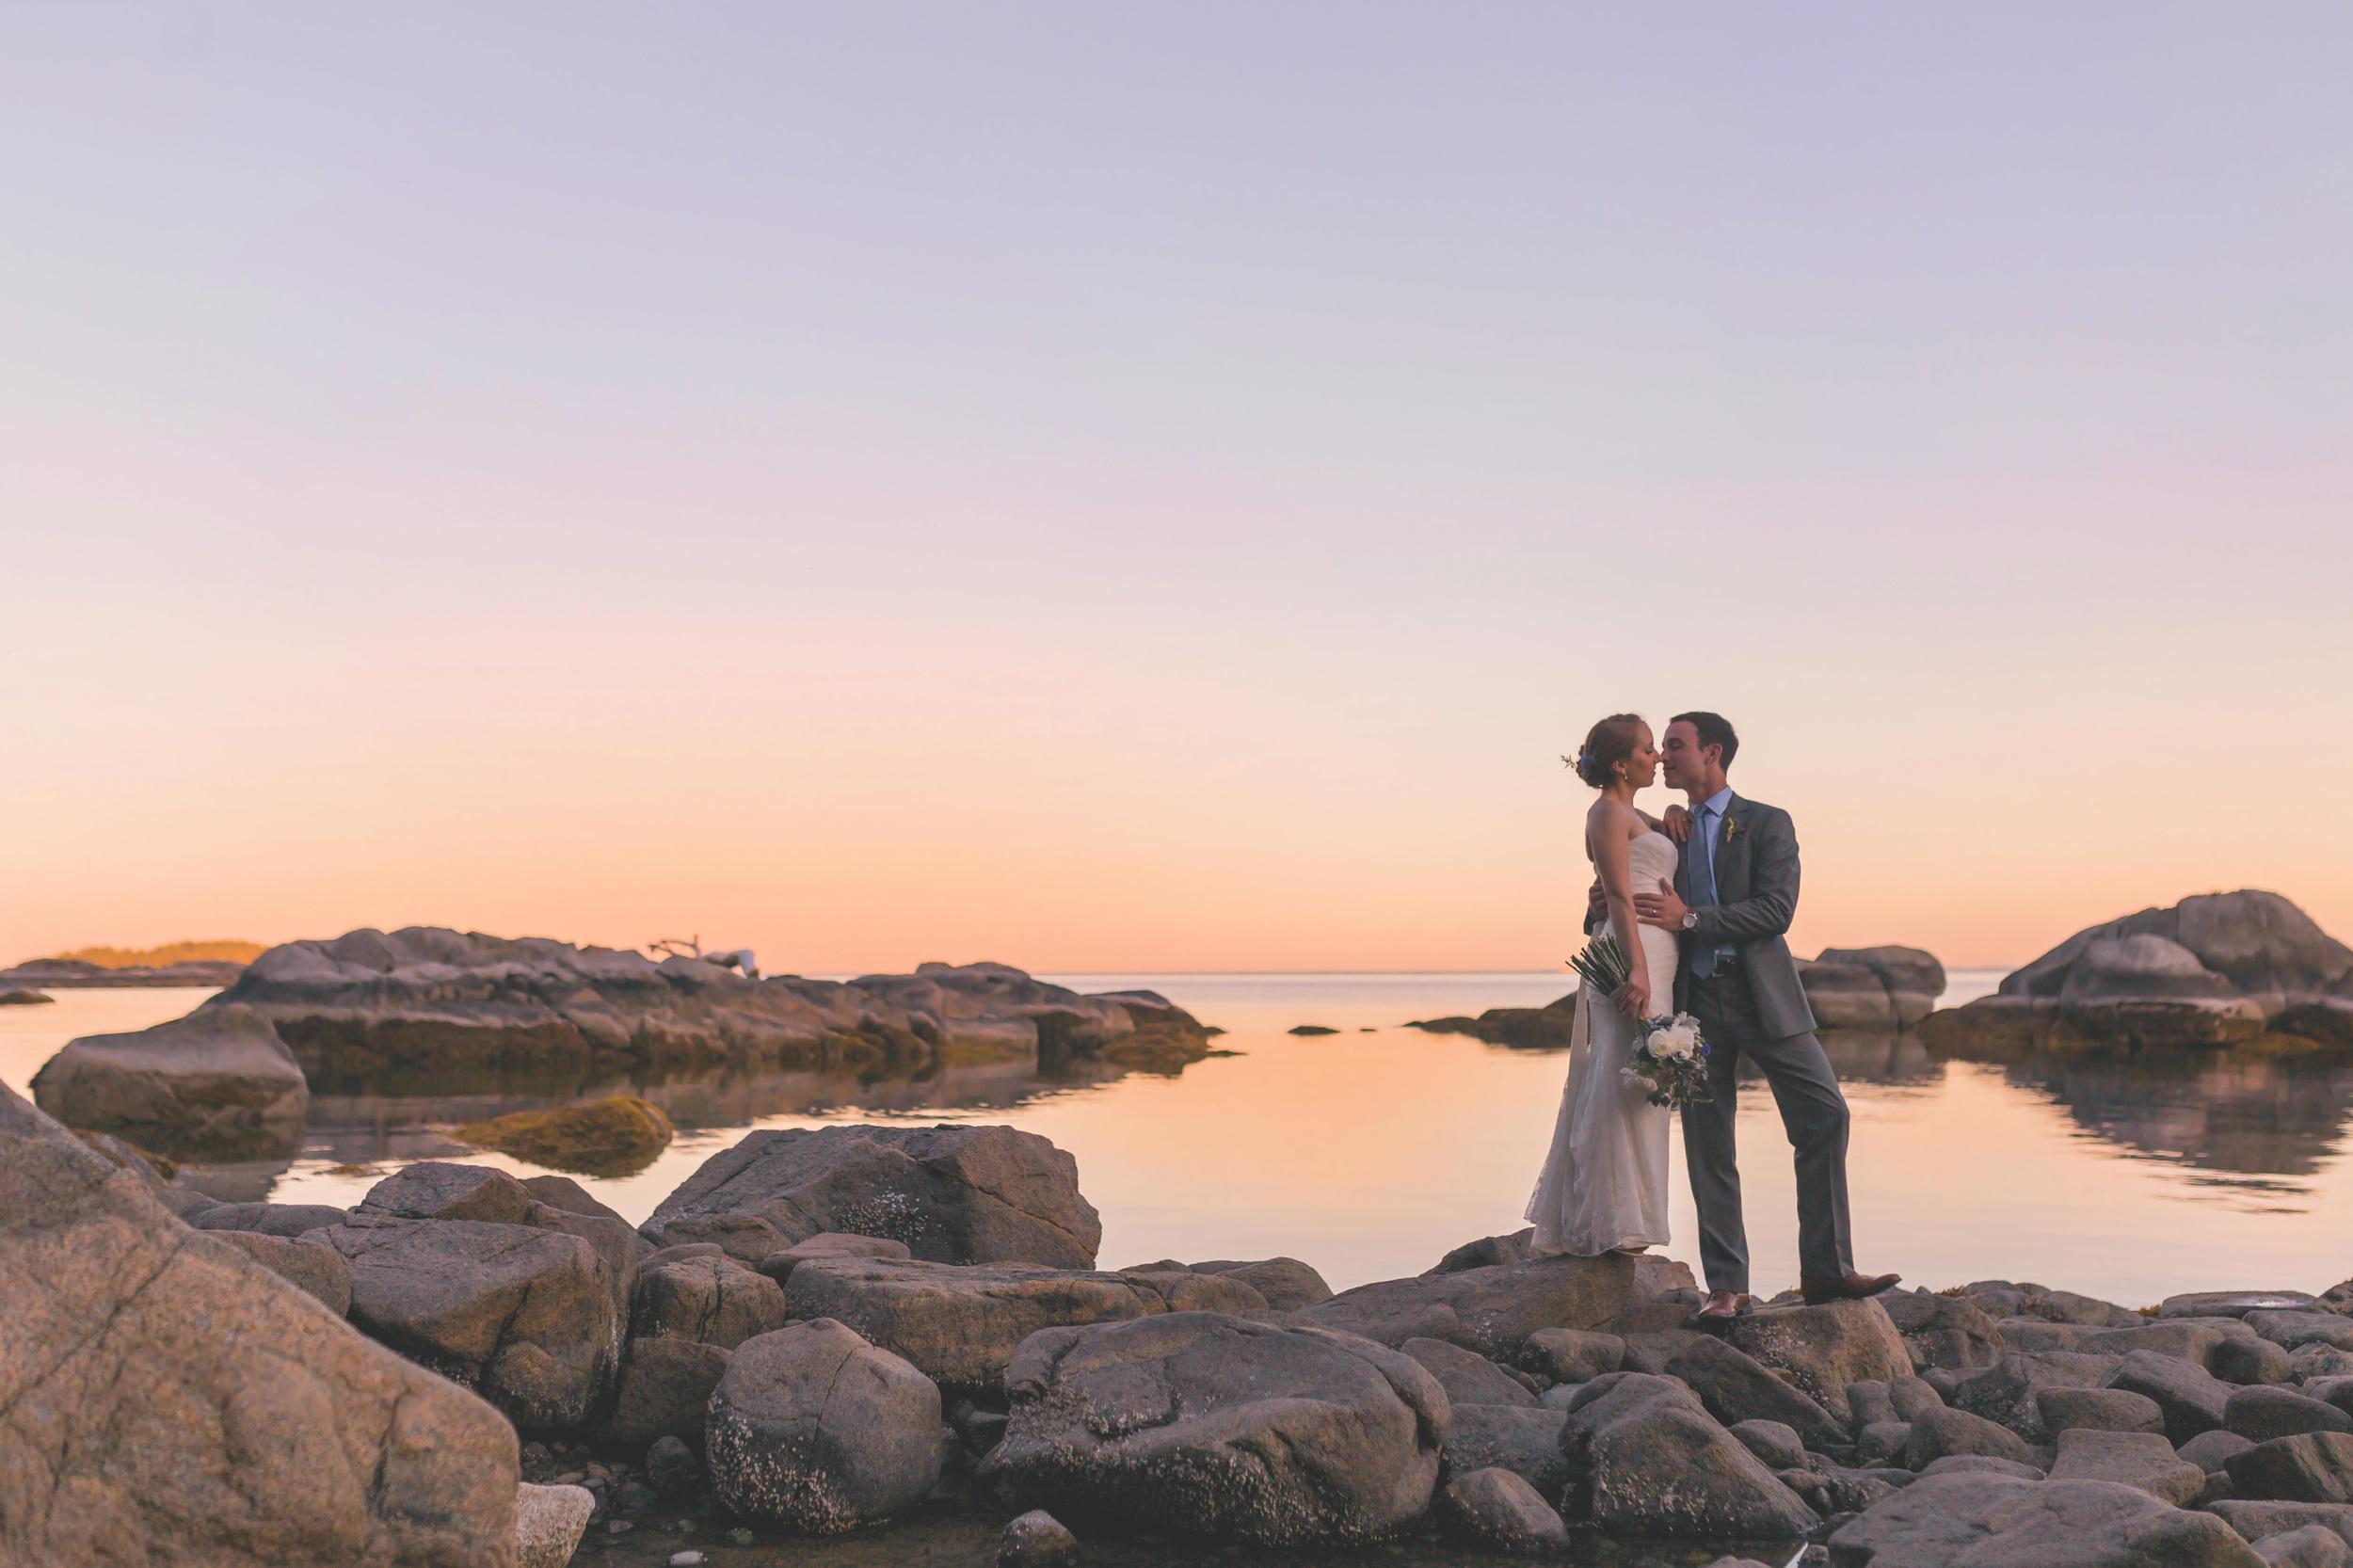 sunshine coast bc wedding photographer, pointhouse at sargeant bay, wedding venue, sunset, jennifer picard photography